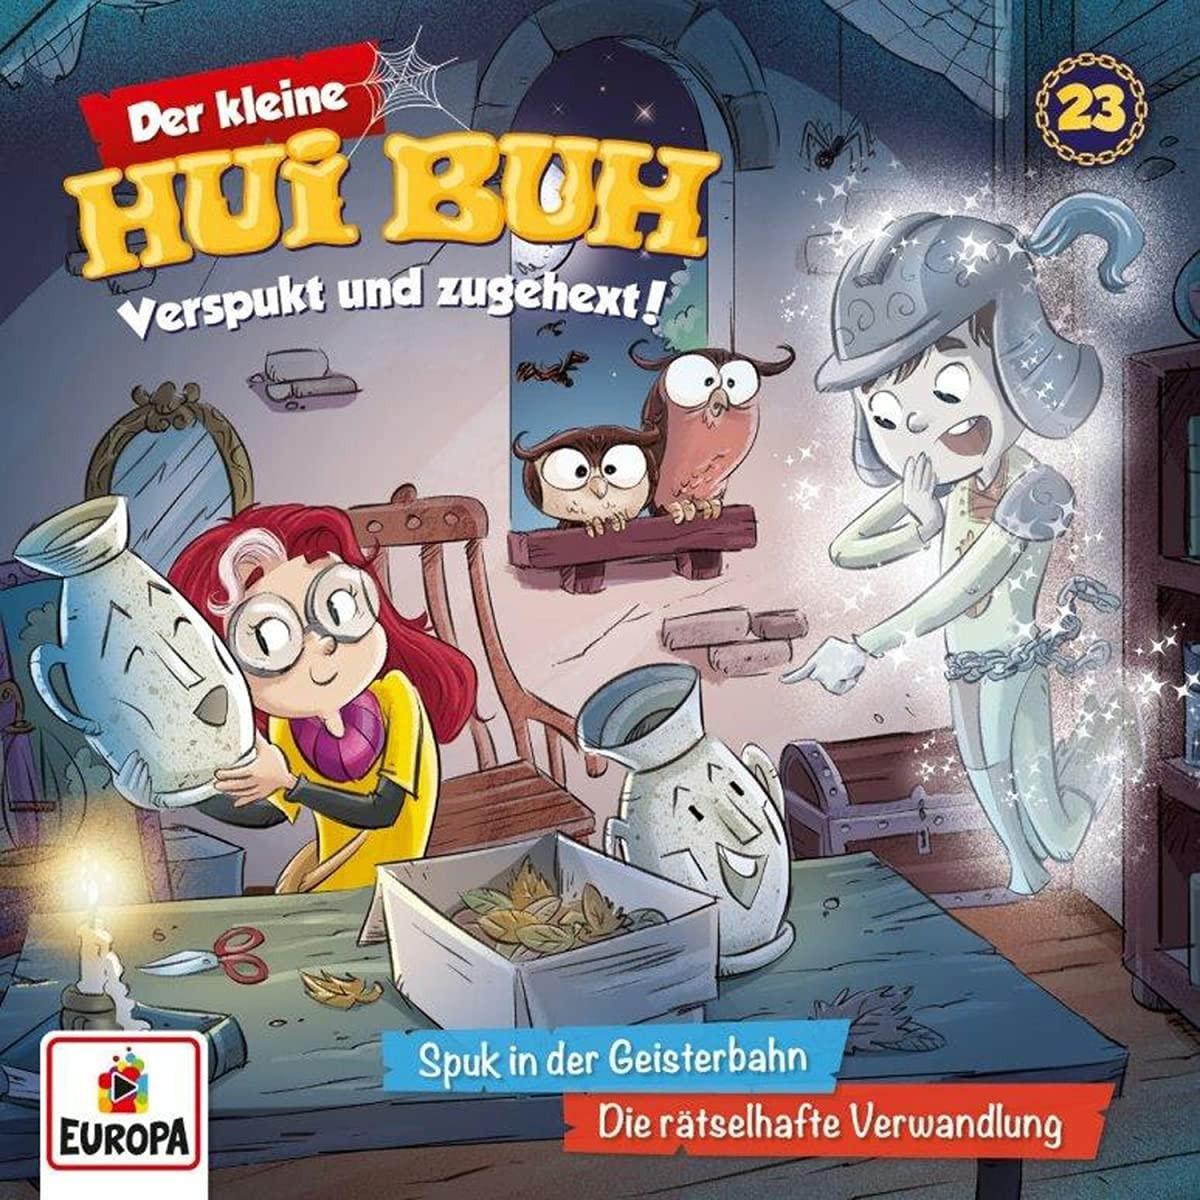 Der kleine HUI BUH - Folge 23: Spuk in der Geisterbahn / Die Rätselhafte Verwandlung